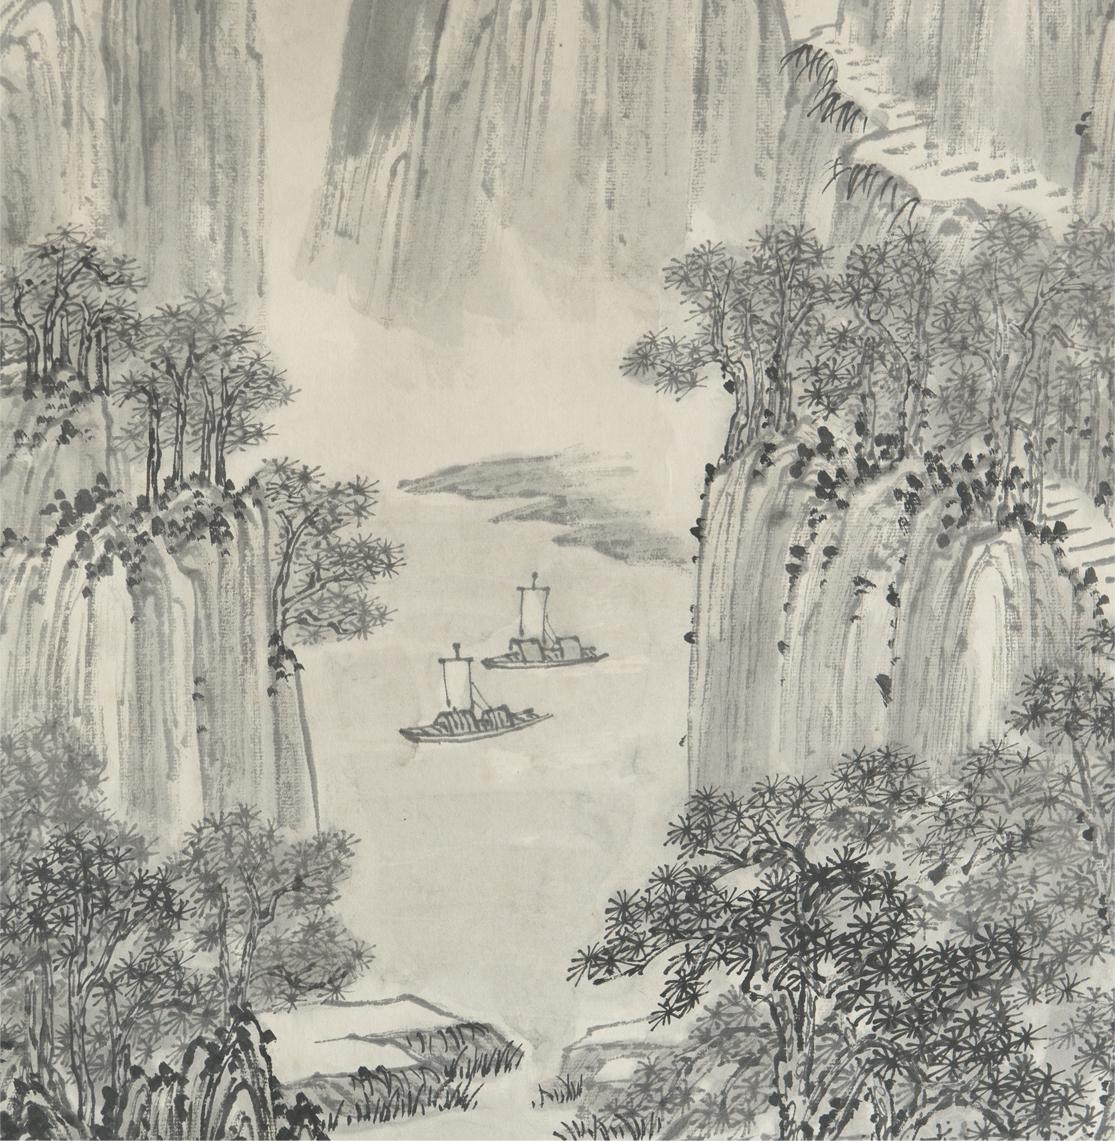 清 同治 徐潮 徐景澄 山水 立軸 真作 中国 絵画_画像4